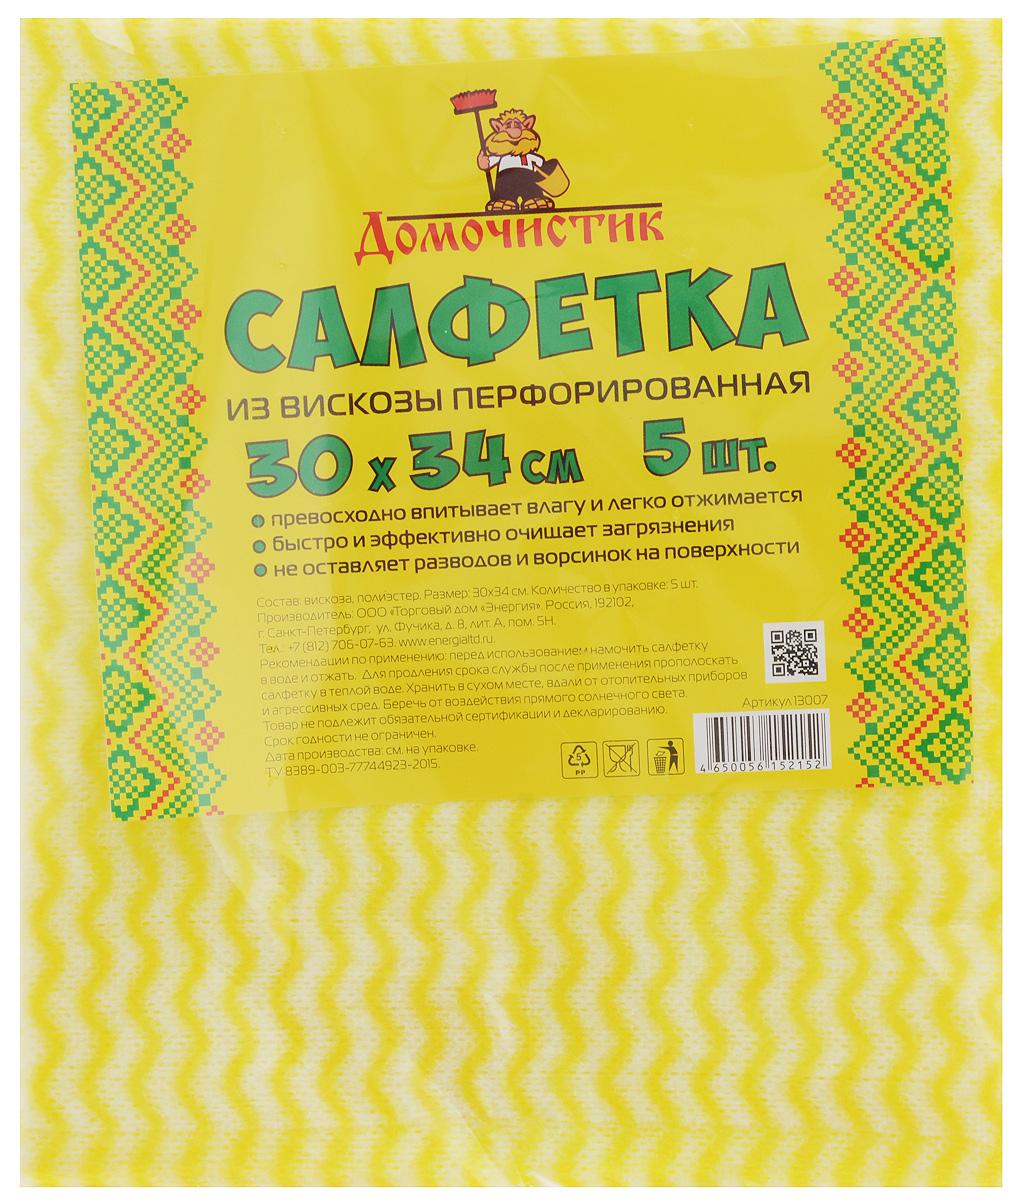 Салфетка для уборки Домочистик из вискозы, перфорированная, цвет: желтый, зеленый, 30 x 34 см, 5 шт13007_желтый, зеленыйПерфорированные салфетки для уборки Домочистик выполнены из вискозы, превосходно впитывают влагу и легко отжимаются. Быстро и эффективно очищают загрязнения, не оставляют разводов. Рекомендации по применению: Перед использованием намочить салфетку в воде и отжать. Для продления срока службы после применения прополоскать в теплой воде. Хранить в сухом месте, вдали отопительных приборов и агрессивных сред.